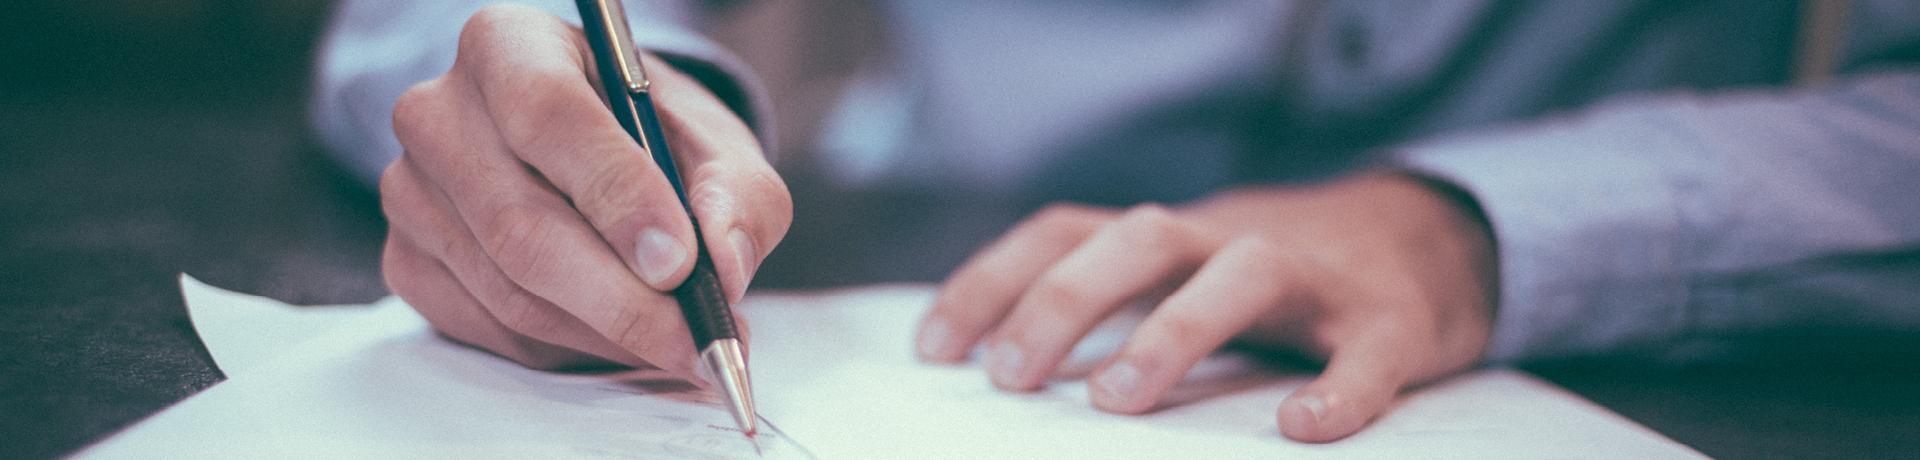 Un individu signe un papier